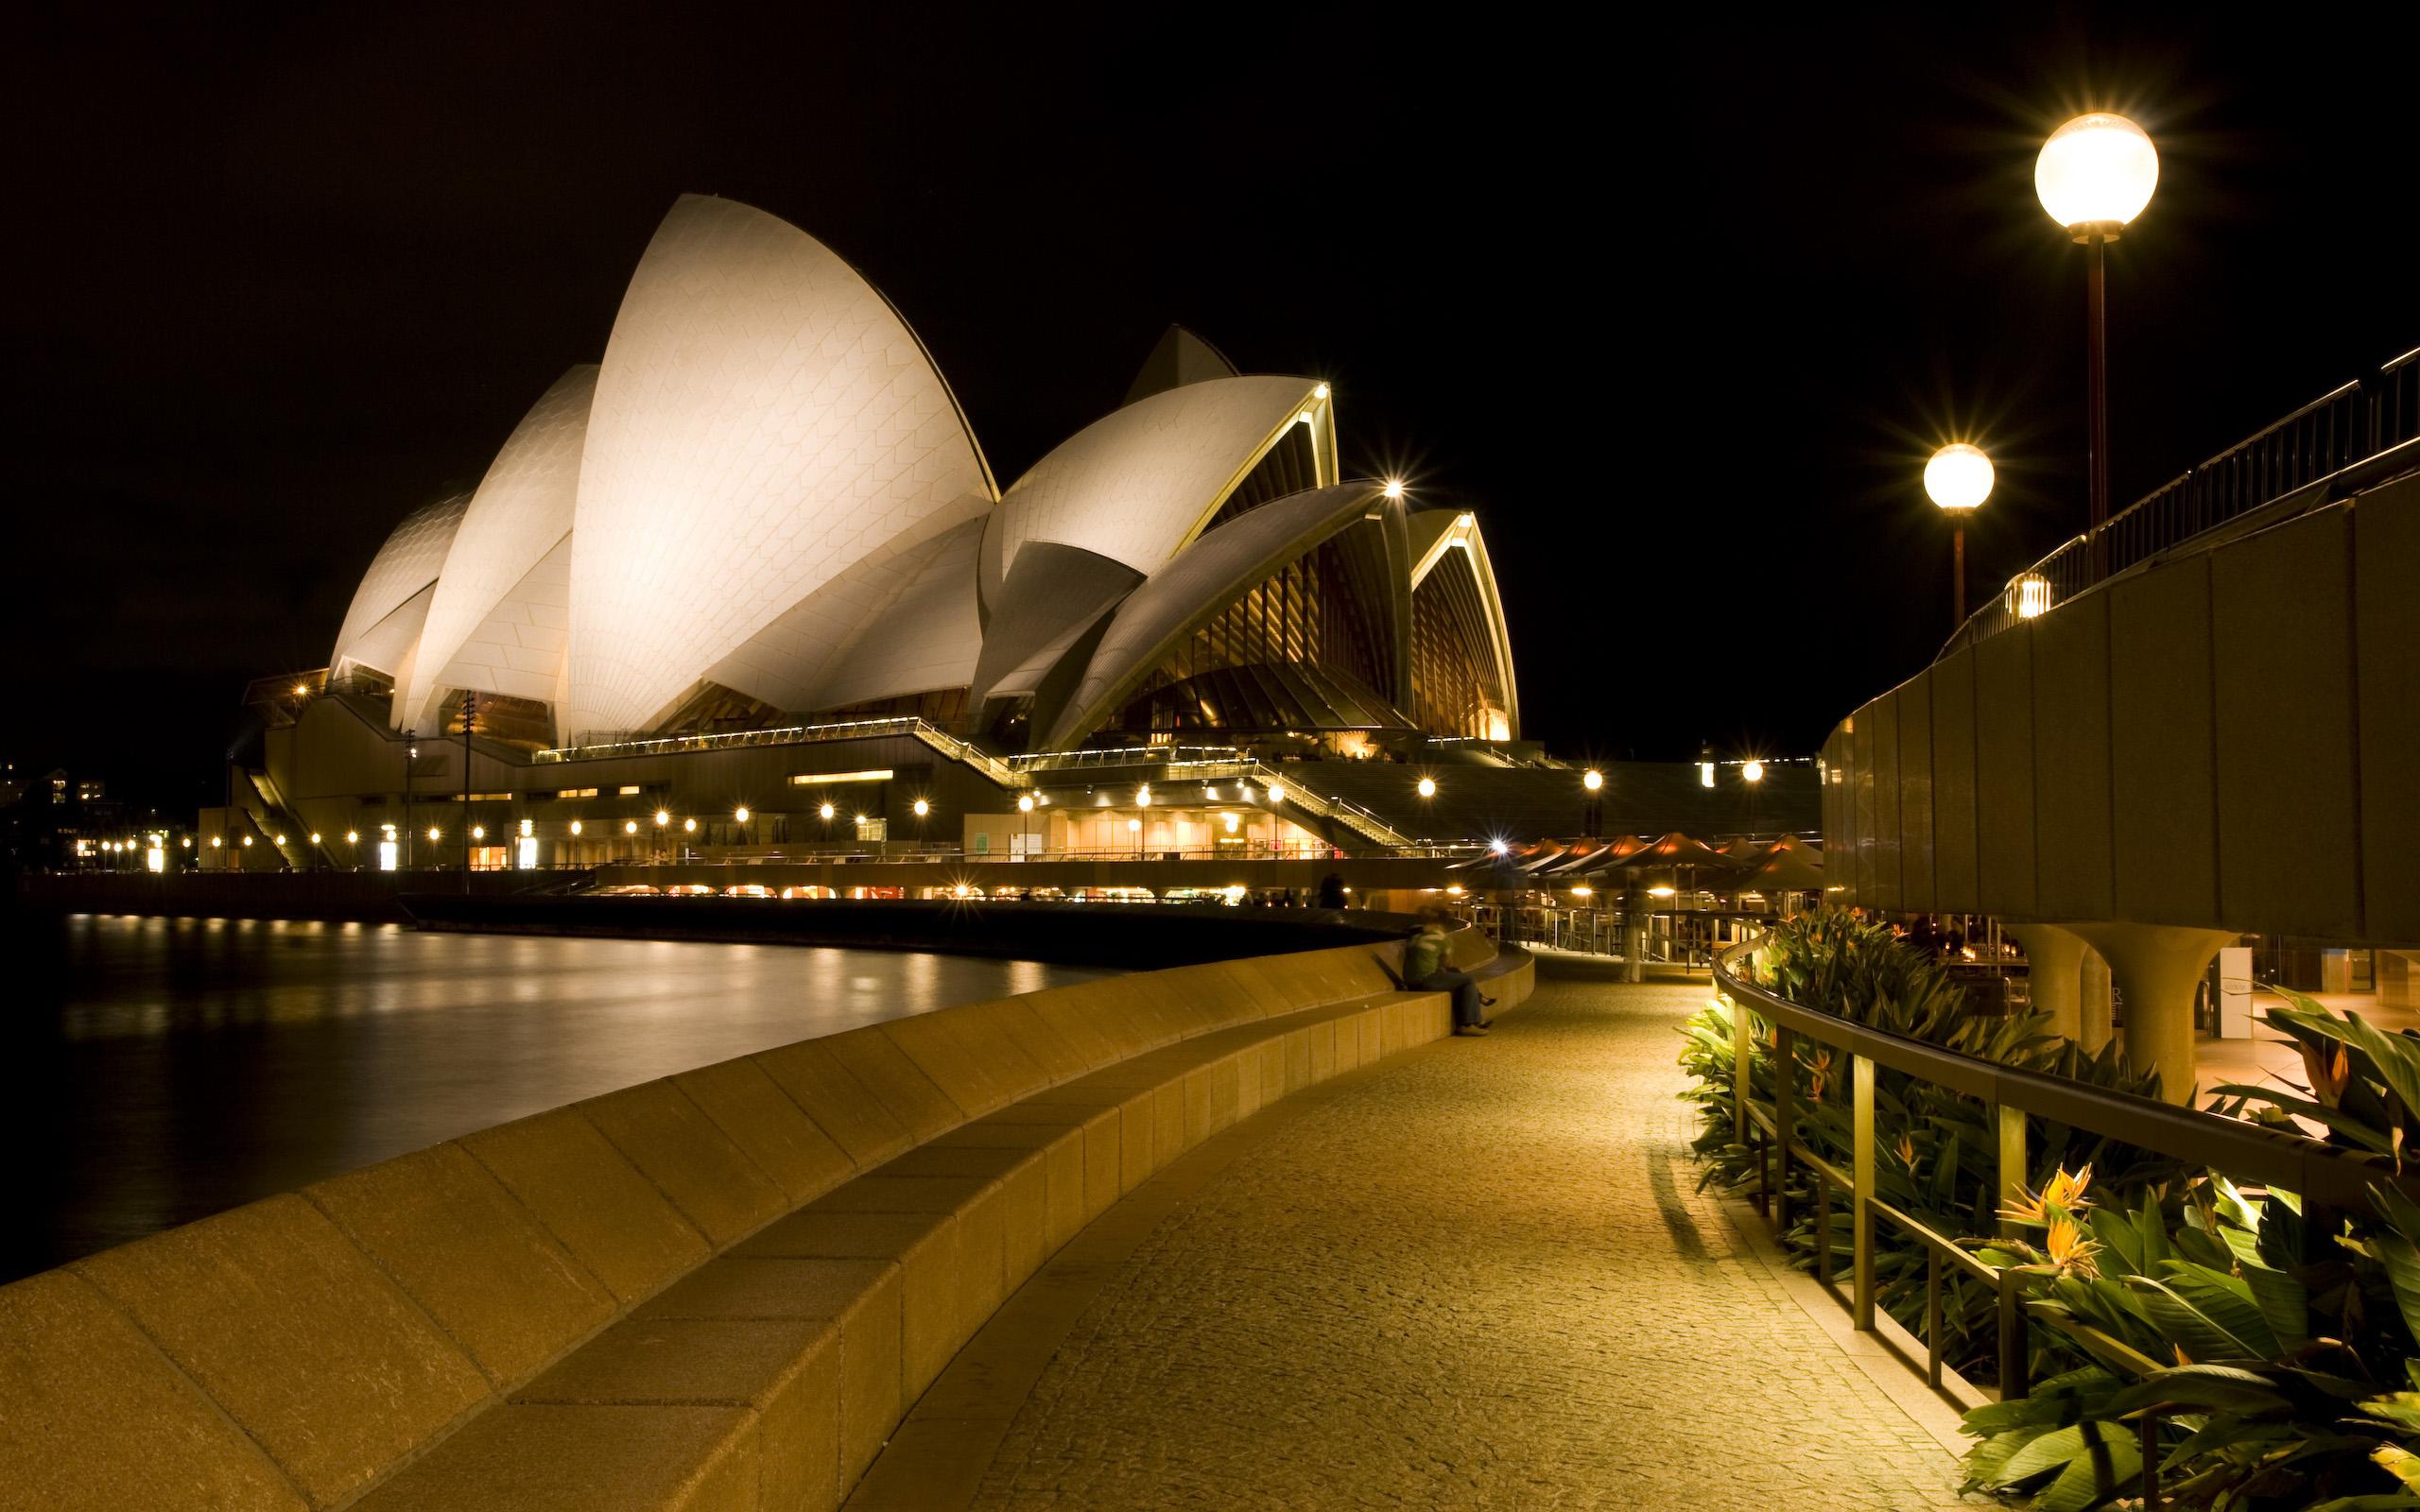 Sydney Opera House 1 Wallpaper 2560x1600 widescreen wallpapersde 2560x1600